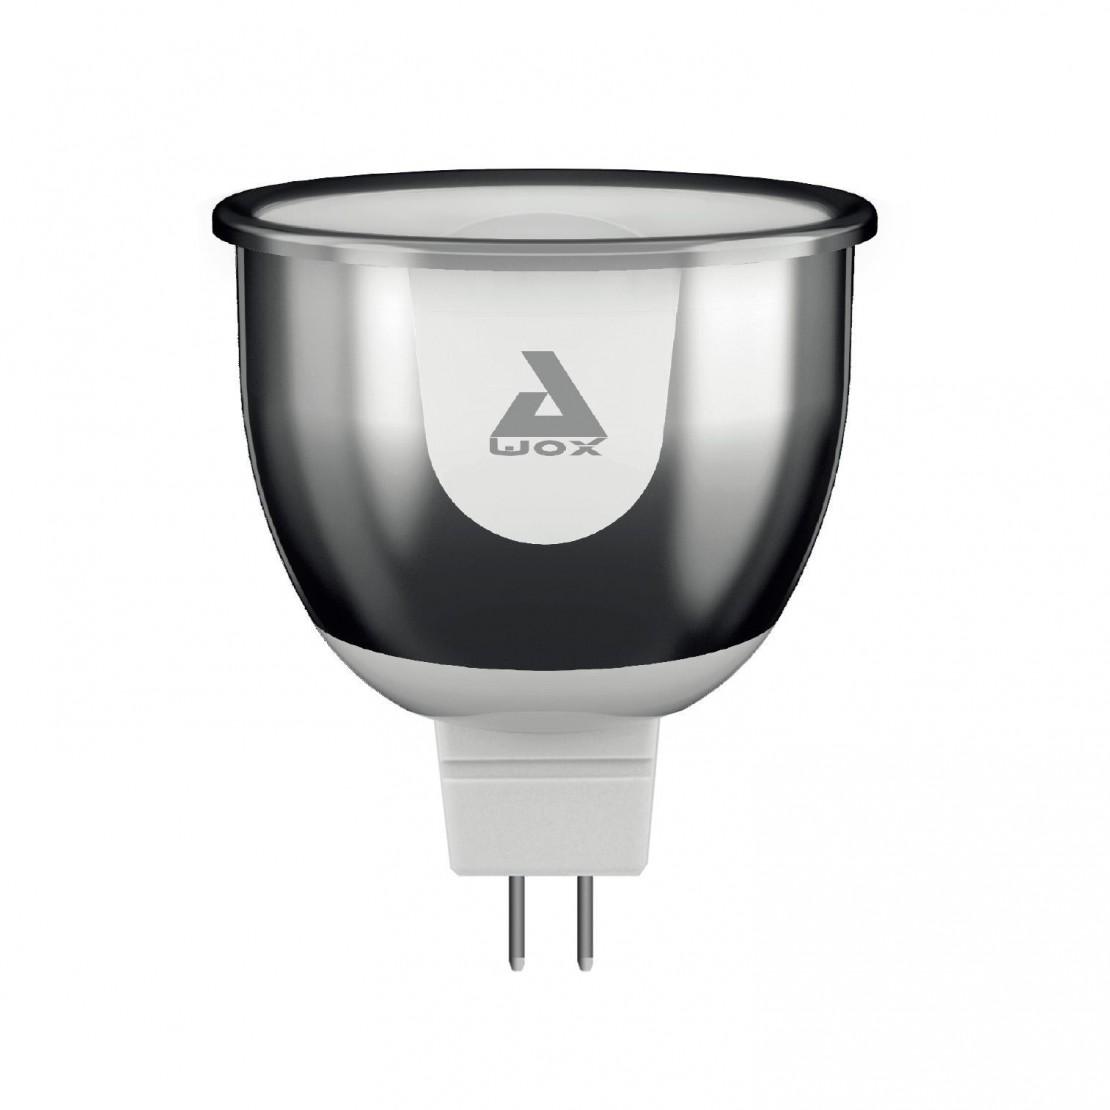 SmartLIGHT - lâmpada GU5.3 branca, ligação à internet por Buetooth